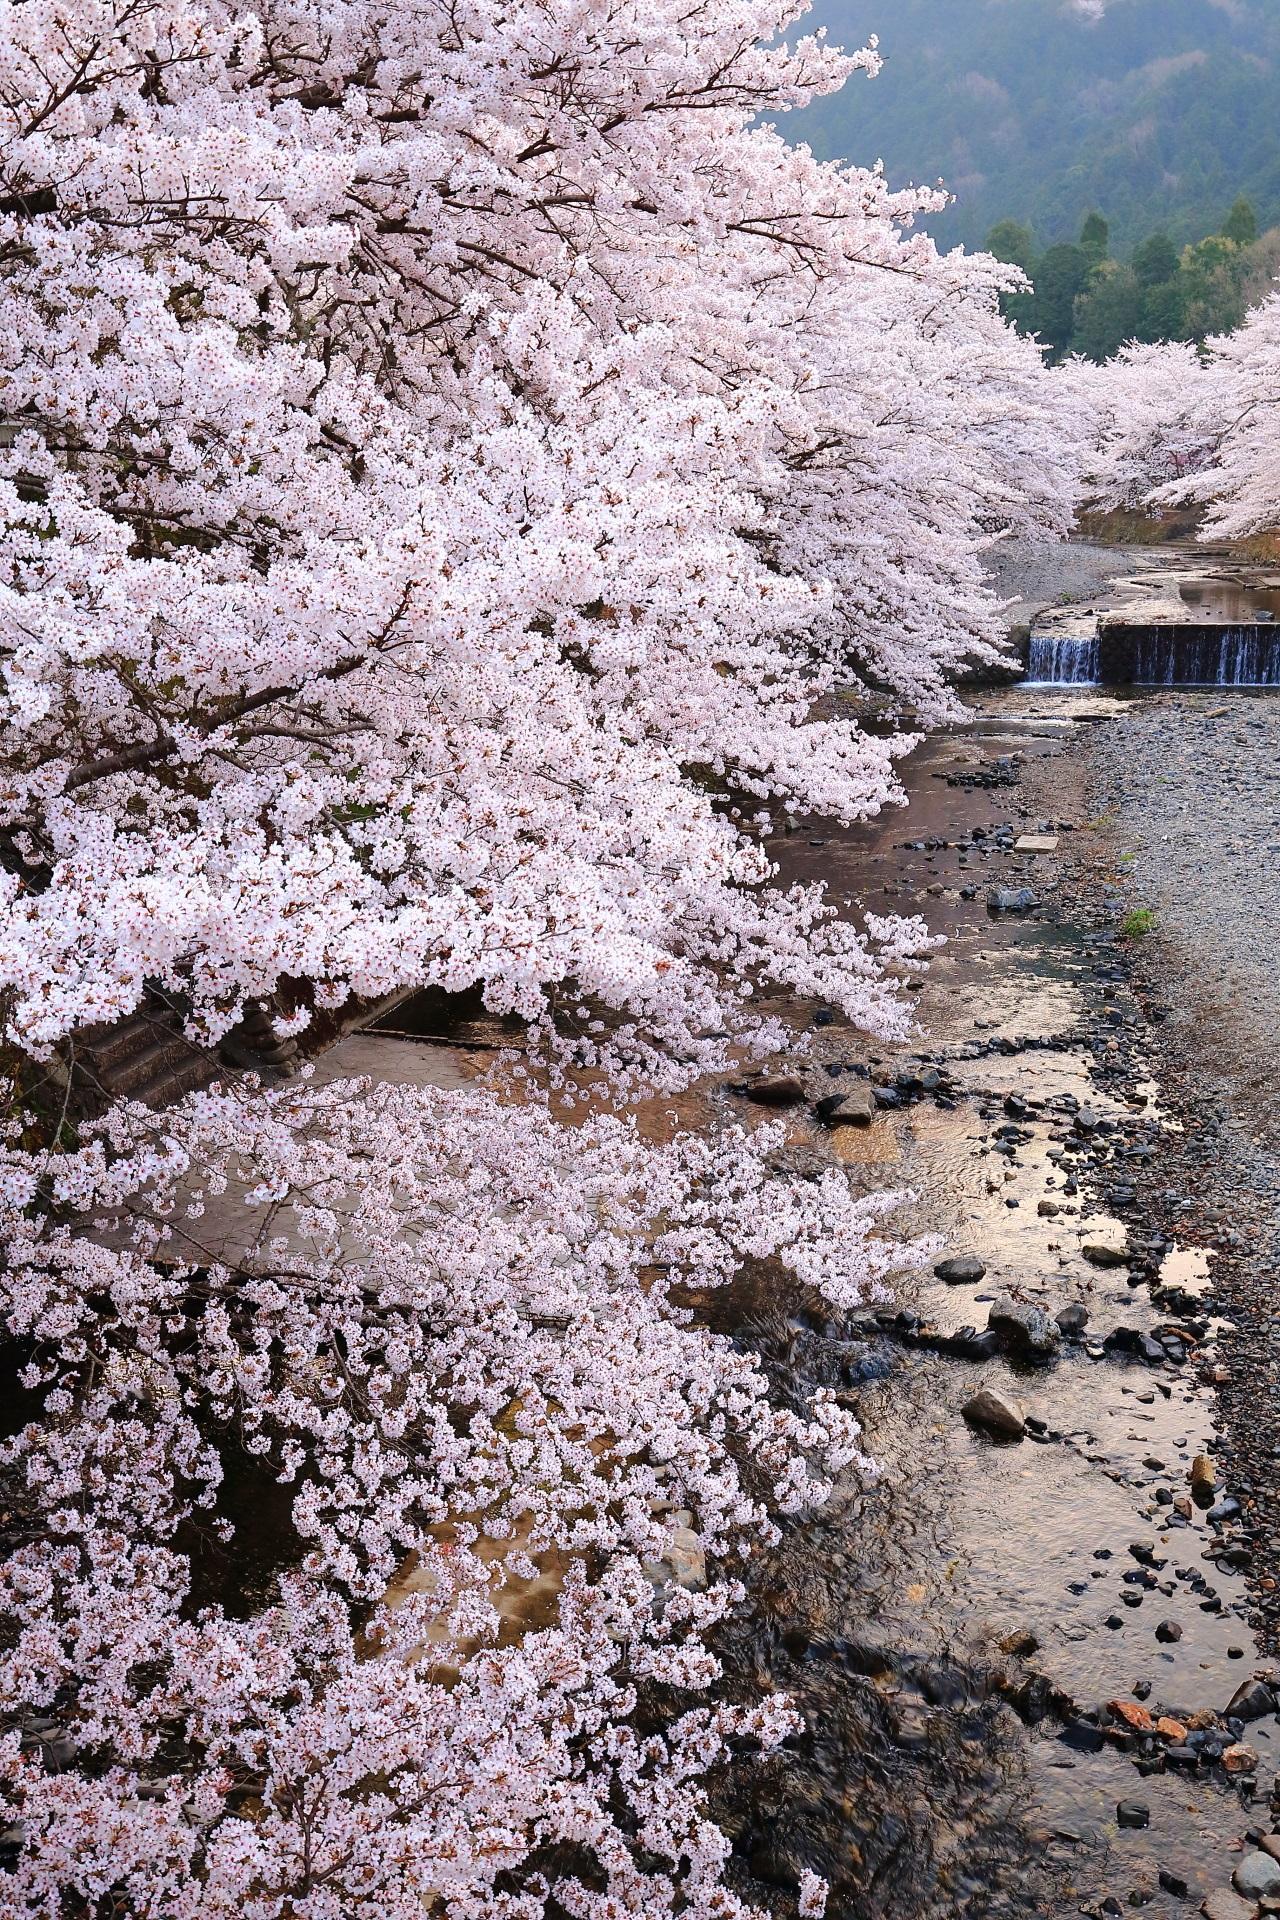 七谷川を覆うように咲き誇る桜